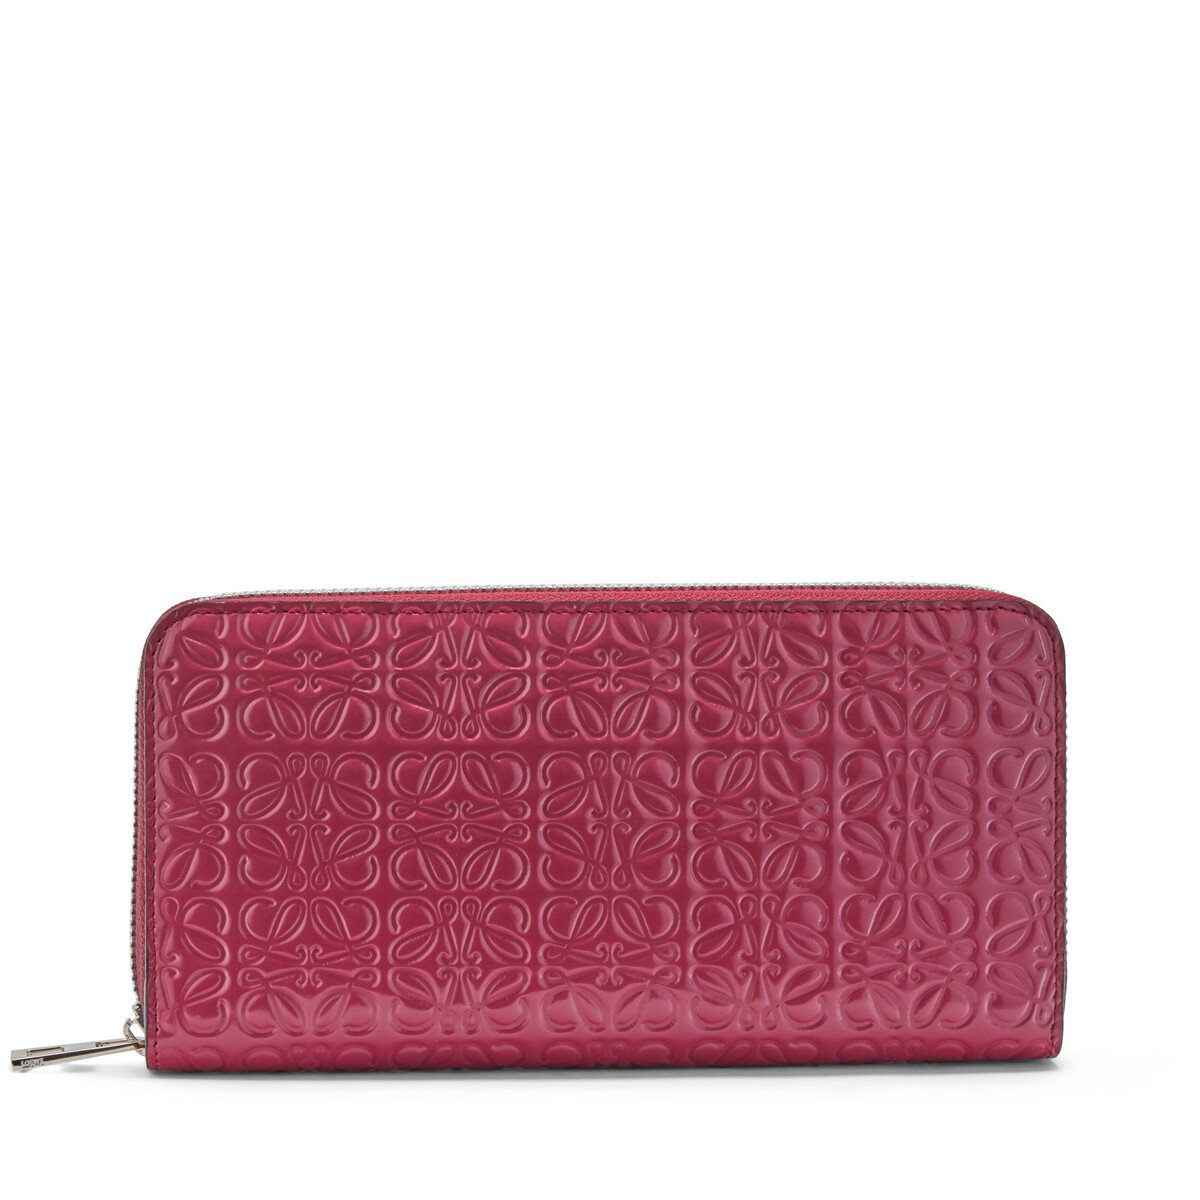 LOEWE Zip Around Wallet 覆盆莓色 front